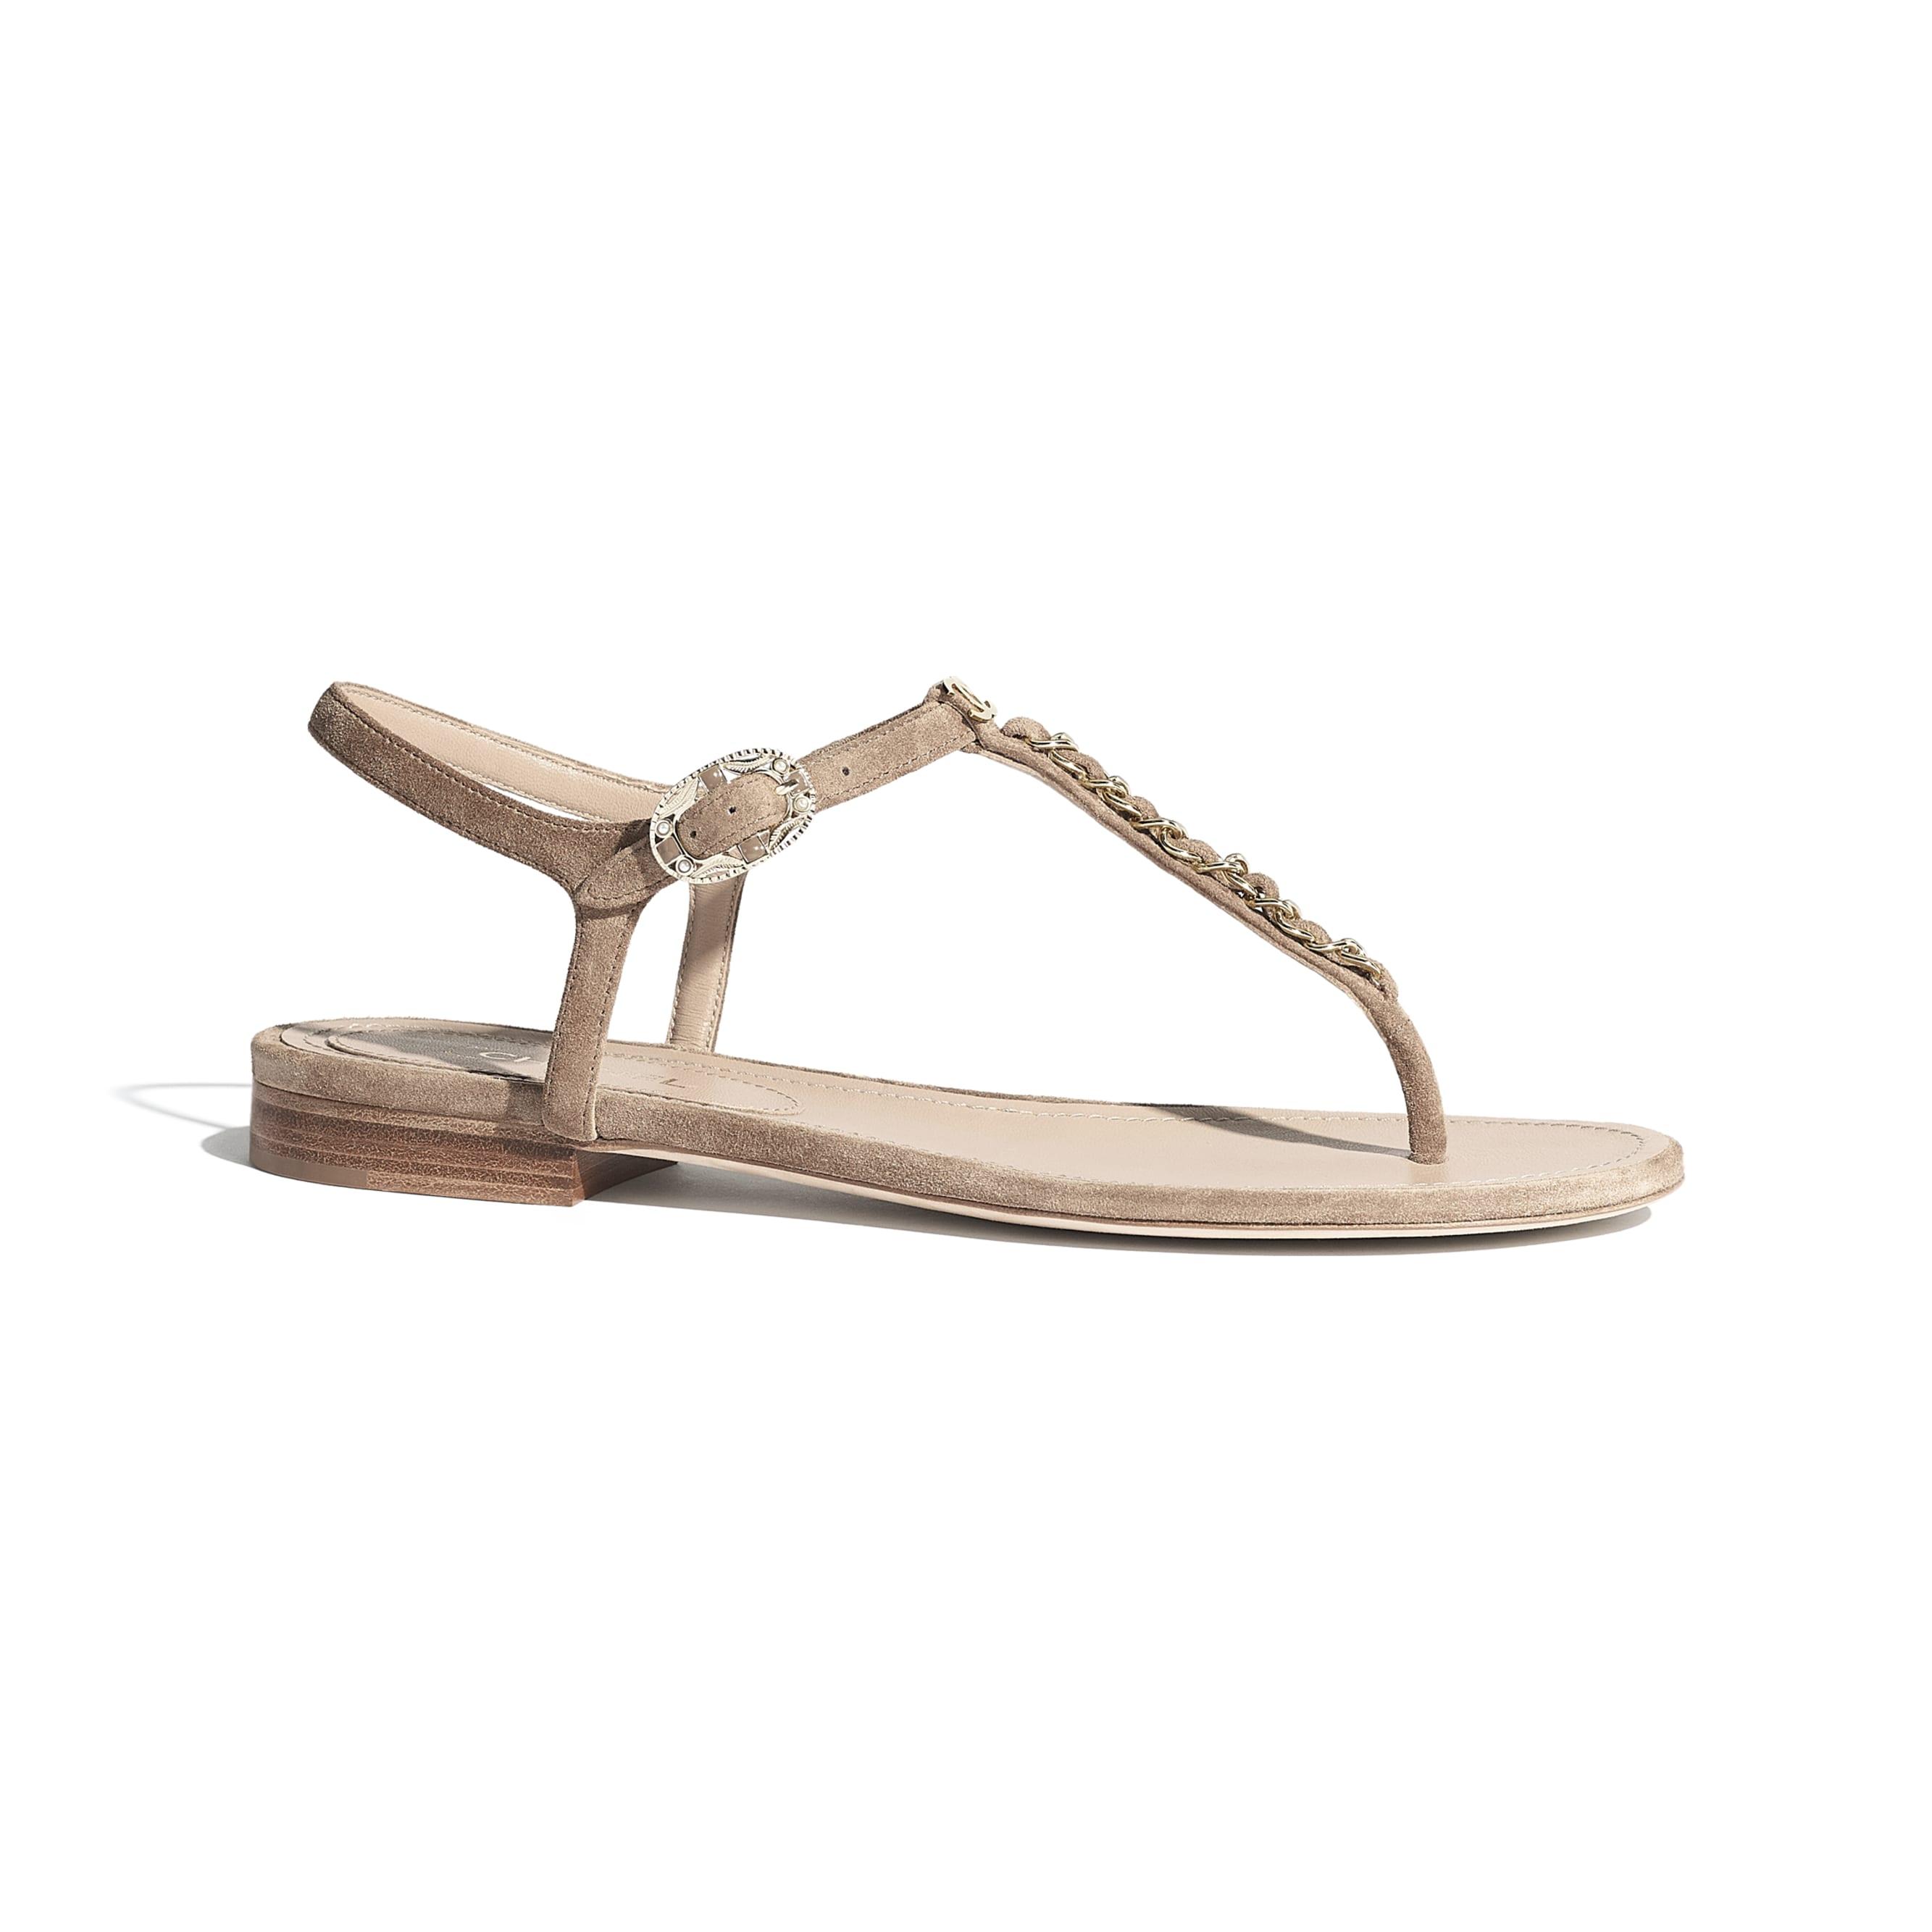 Sandały - Kolor beżowy - Zamszowa skóra cielęca - Widok domyślny – zobacz w standardowym rozmiarze